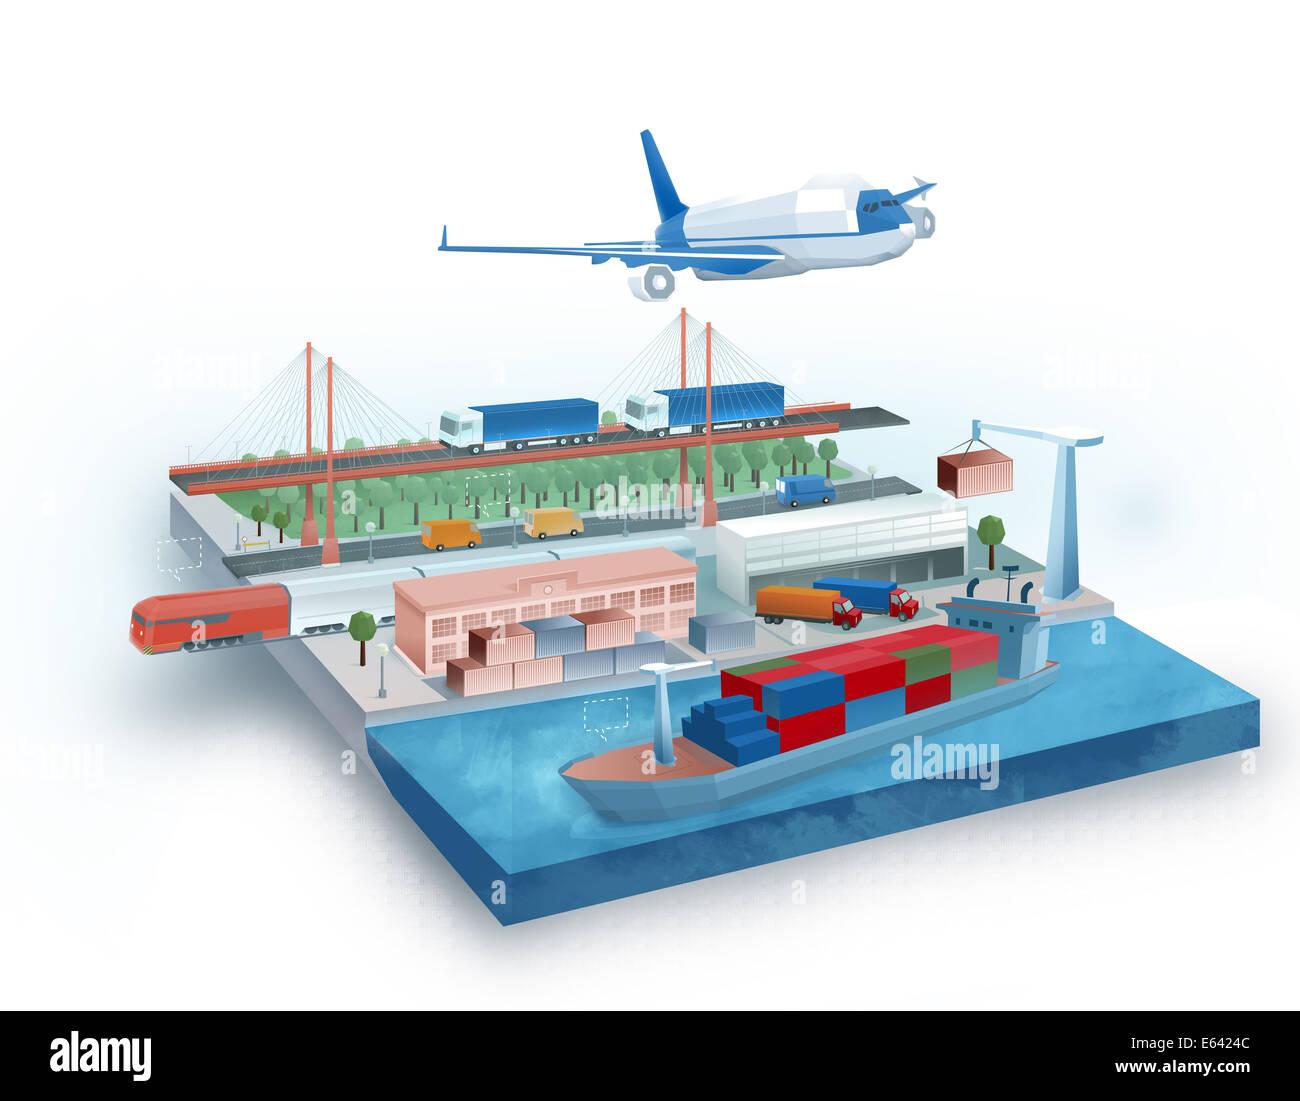 Illustrazione globale del concetto di logistica Immagini Stock